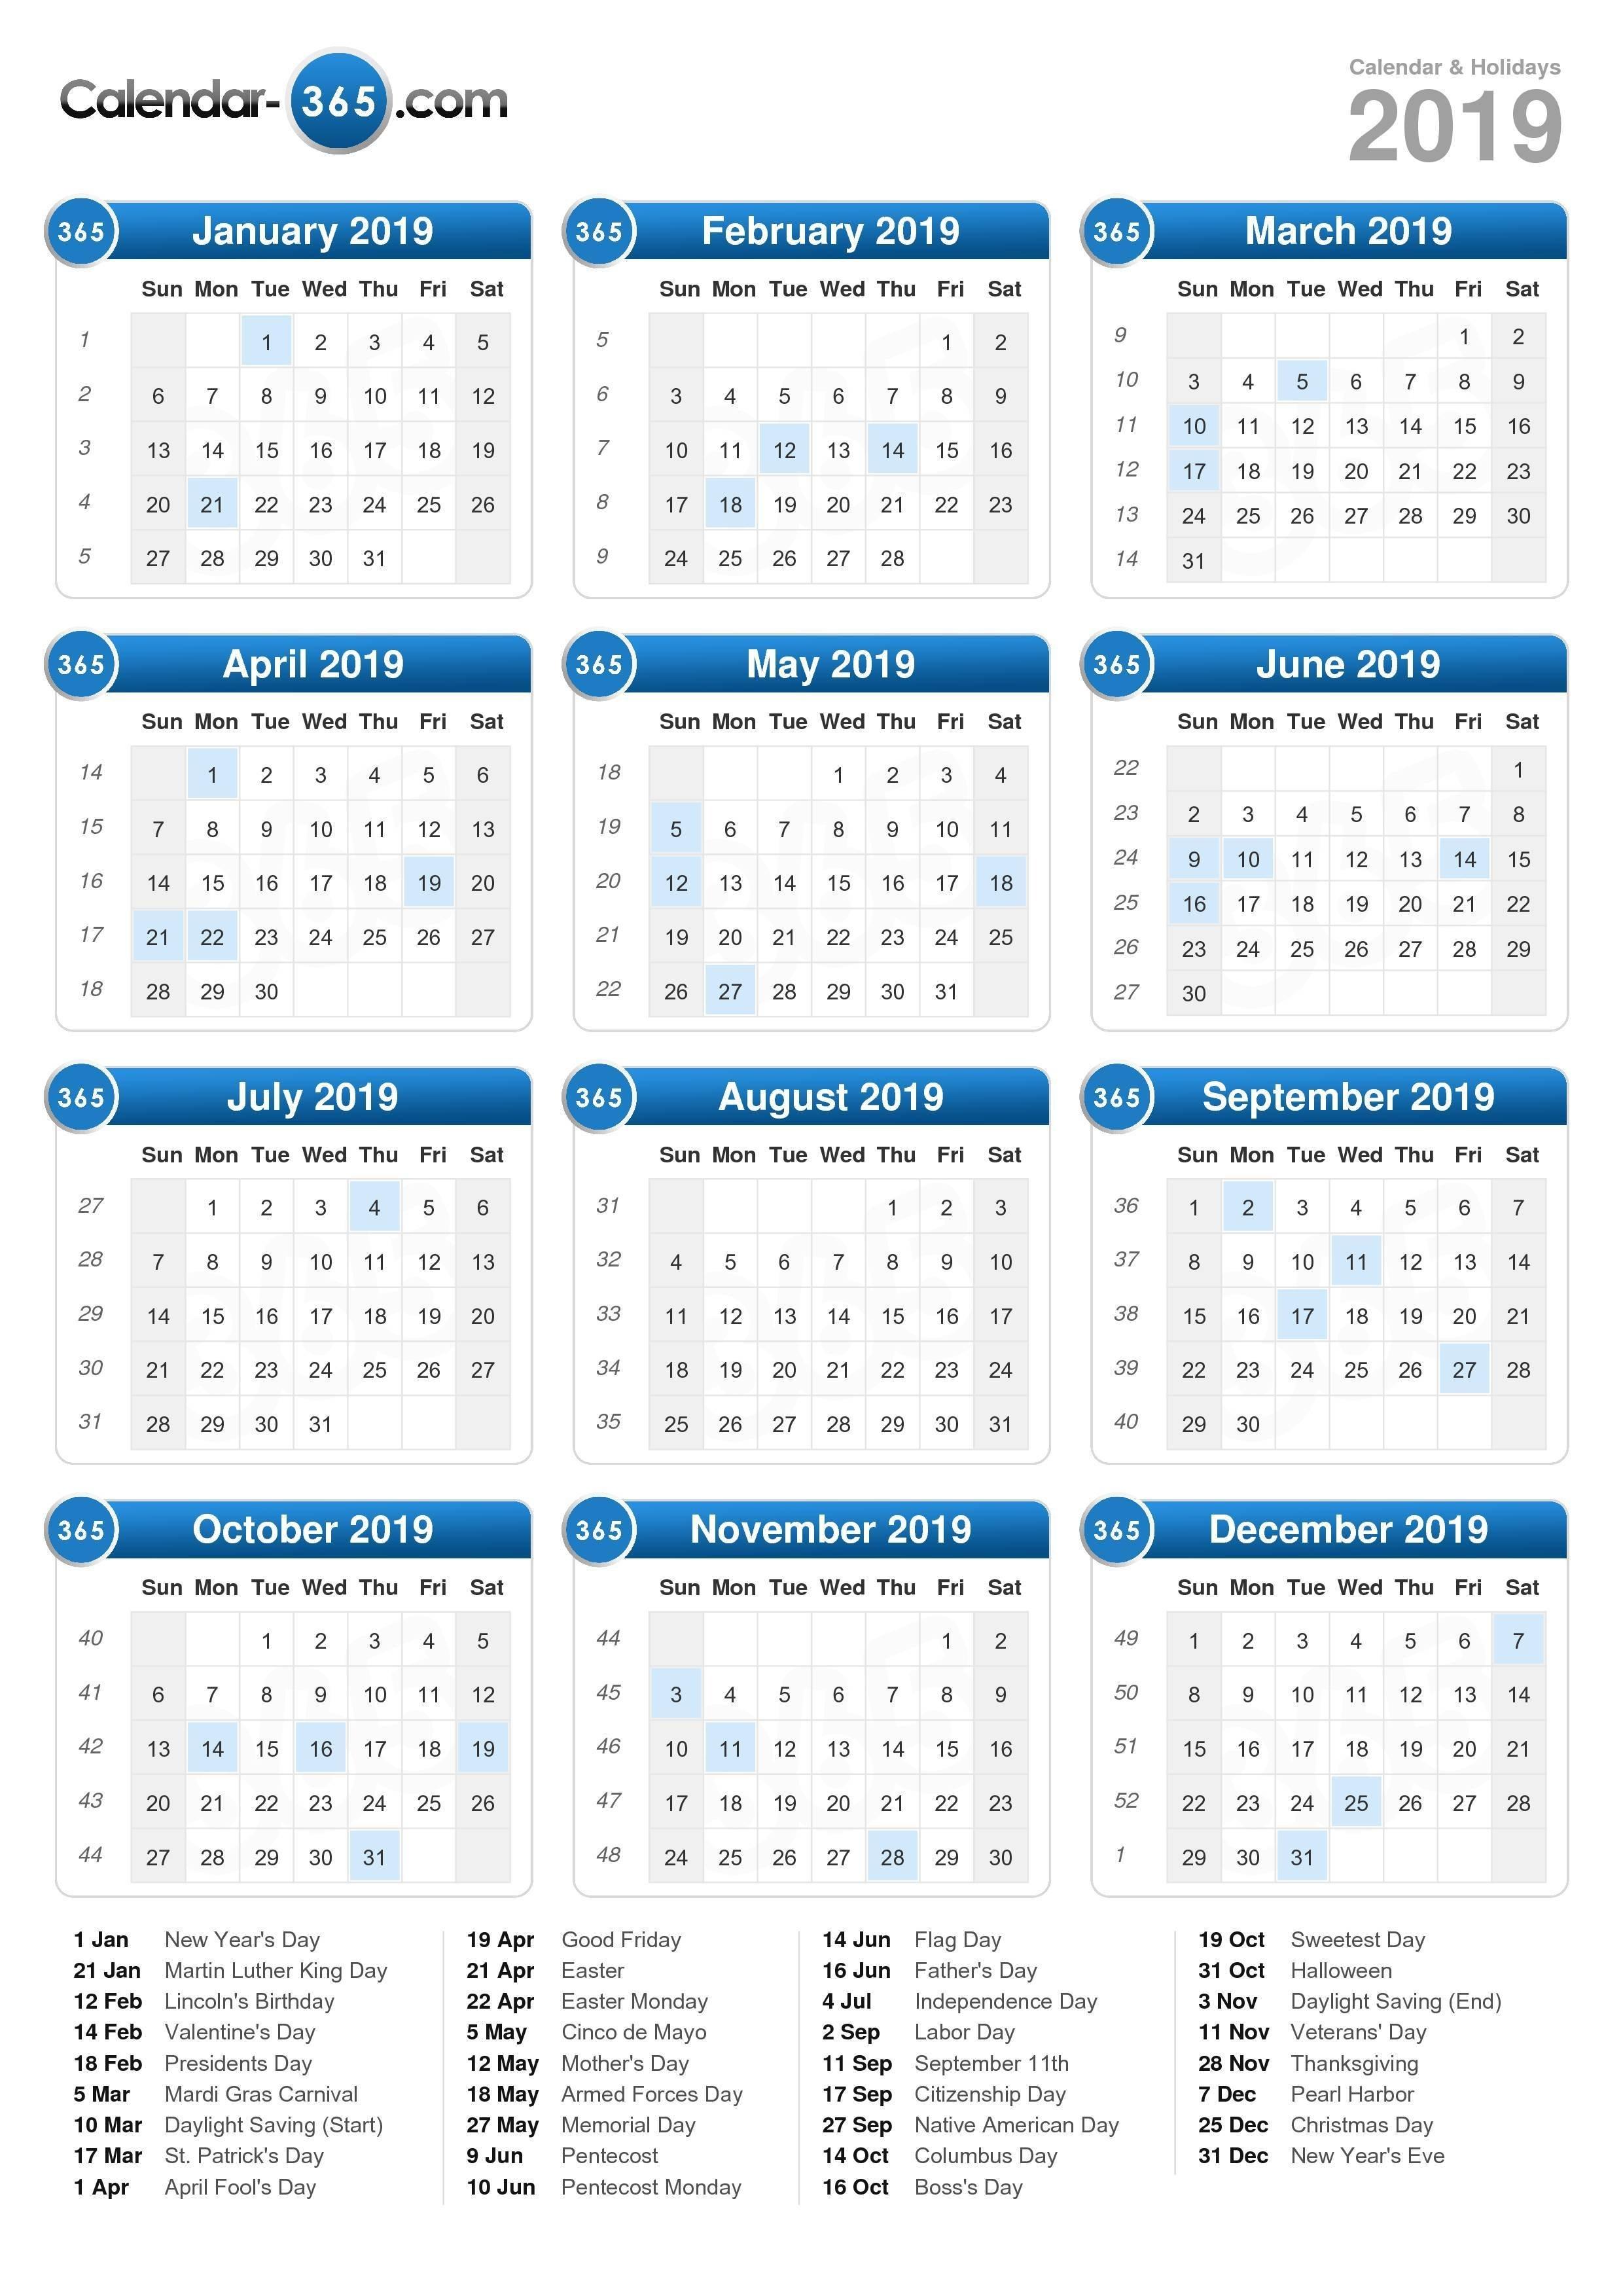 2019 Calendar Calendar 2019 List Of Holidays